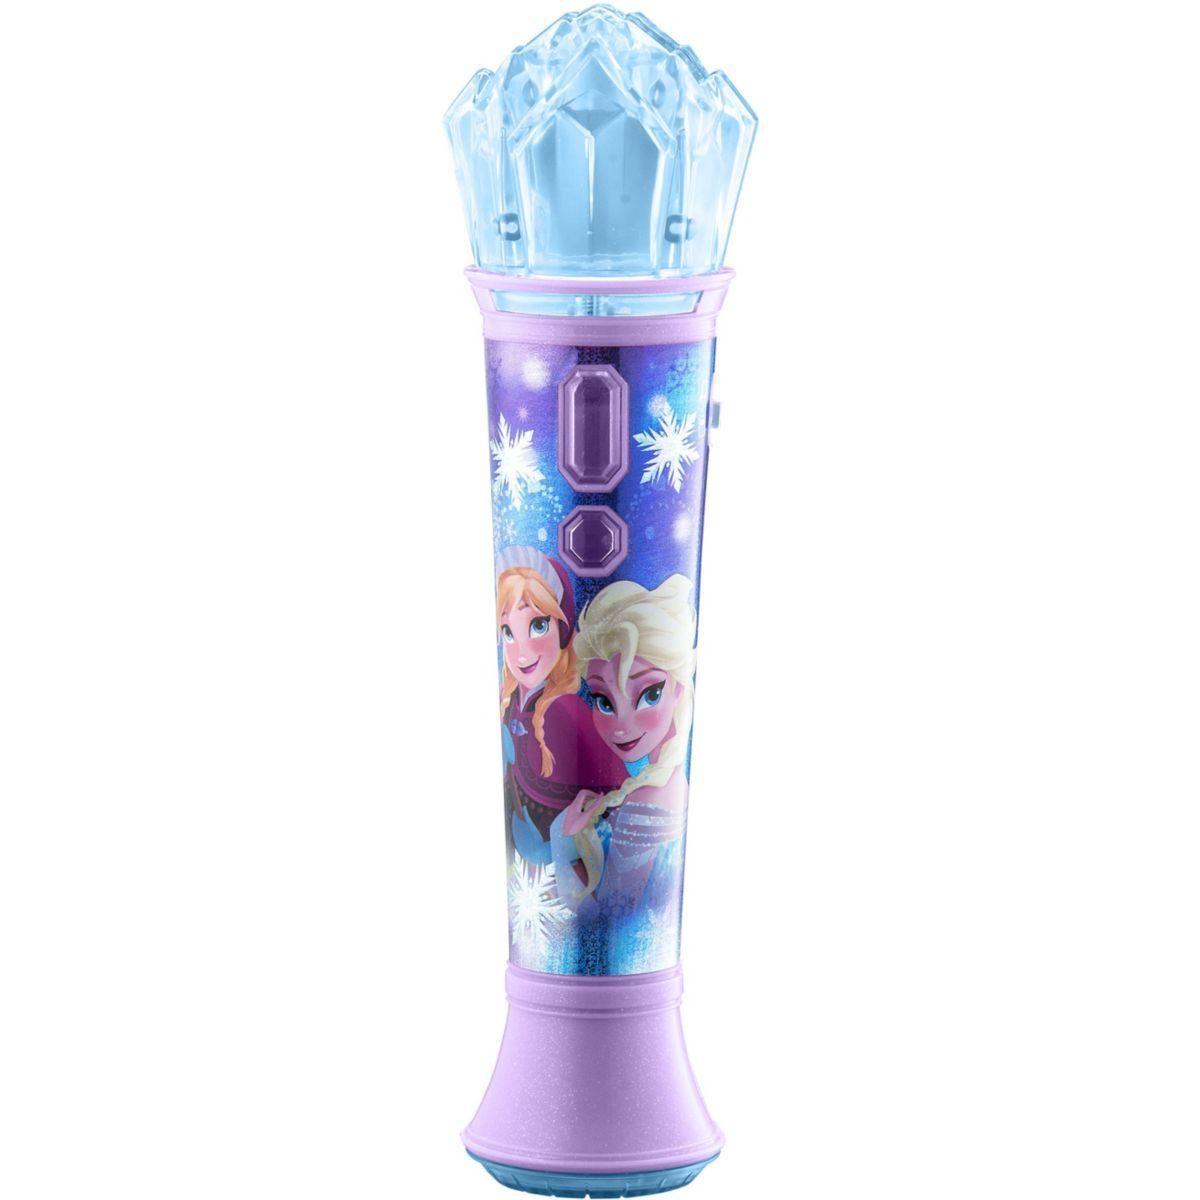 Micro EKIDS Karaoke MP3 Reine des neiges (photo)